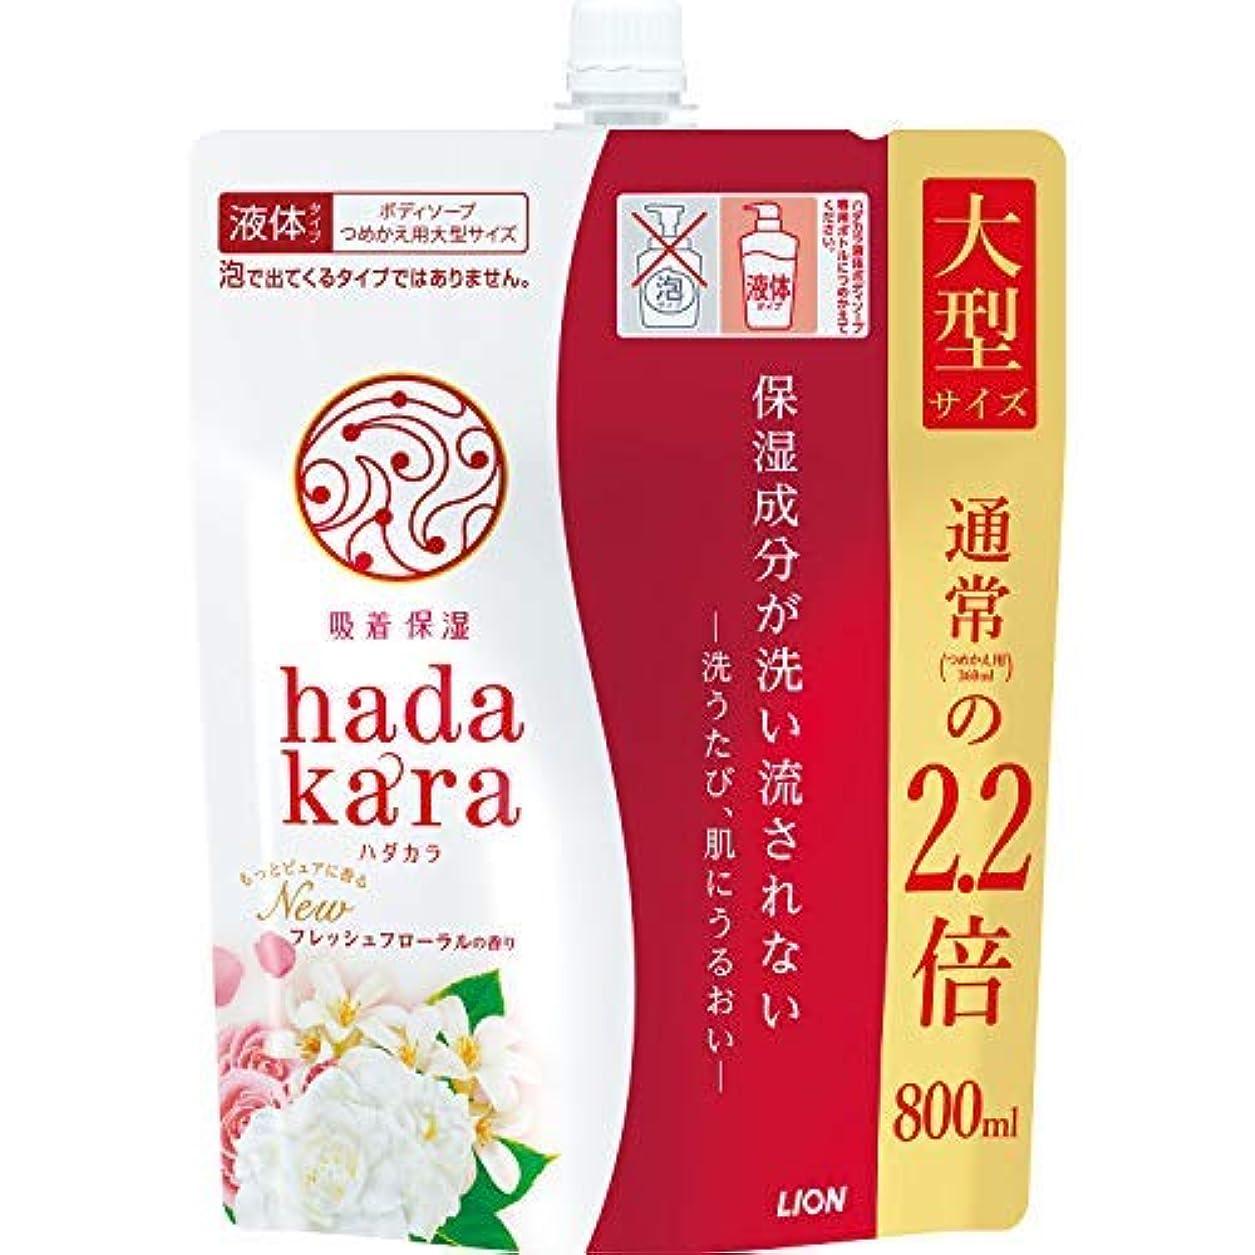 ウイルスチーズ比類のないhadakara(ハダカラ)ボディソープ フレッシュフローラルの香り 詰替え用 大型サイズ 800ml × 3個セット